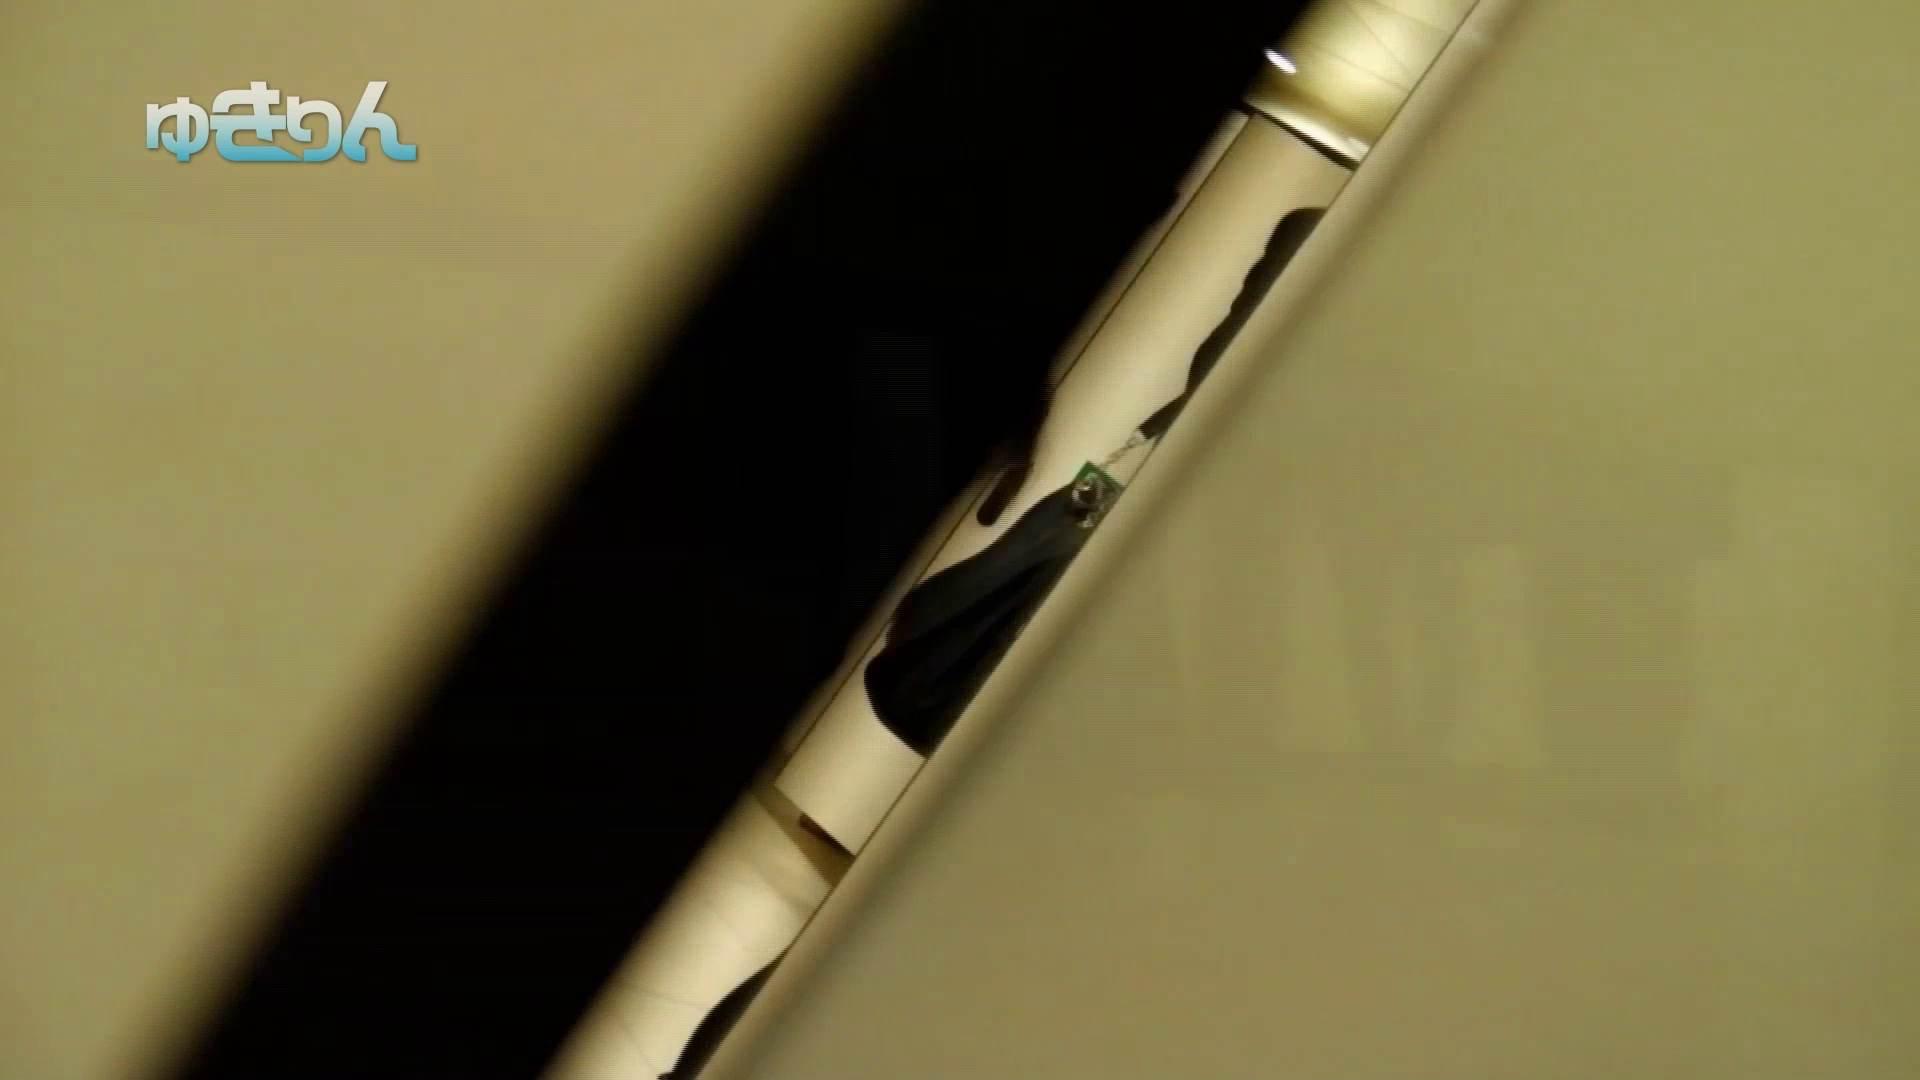 ステーション編 vol54 便秘のせいで長蛇の列、じっくり撮らせて頂きました OL  75pic 19